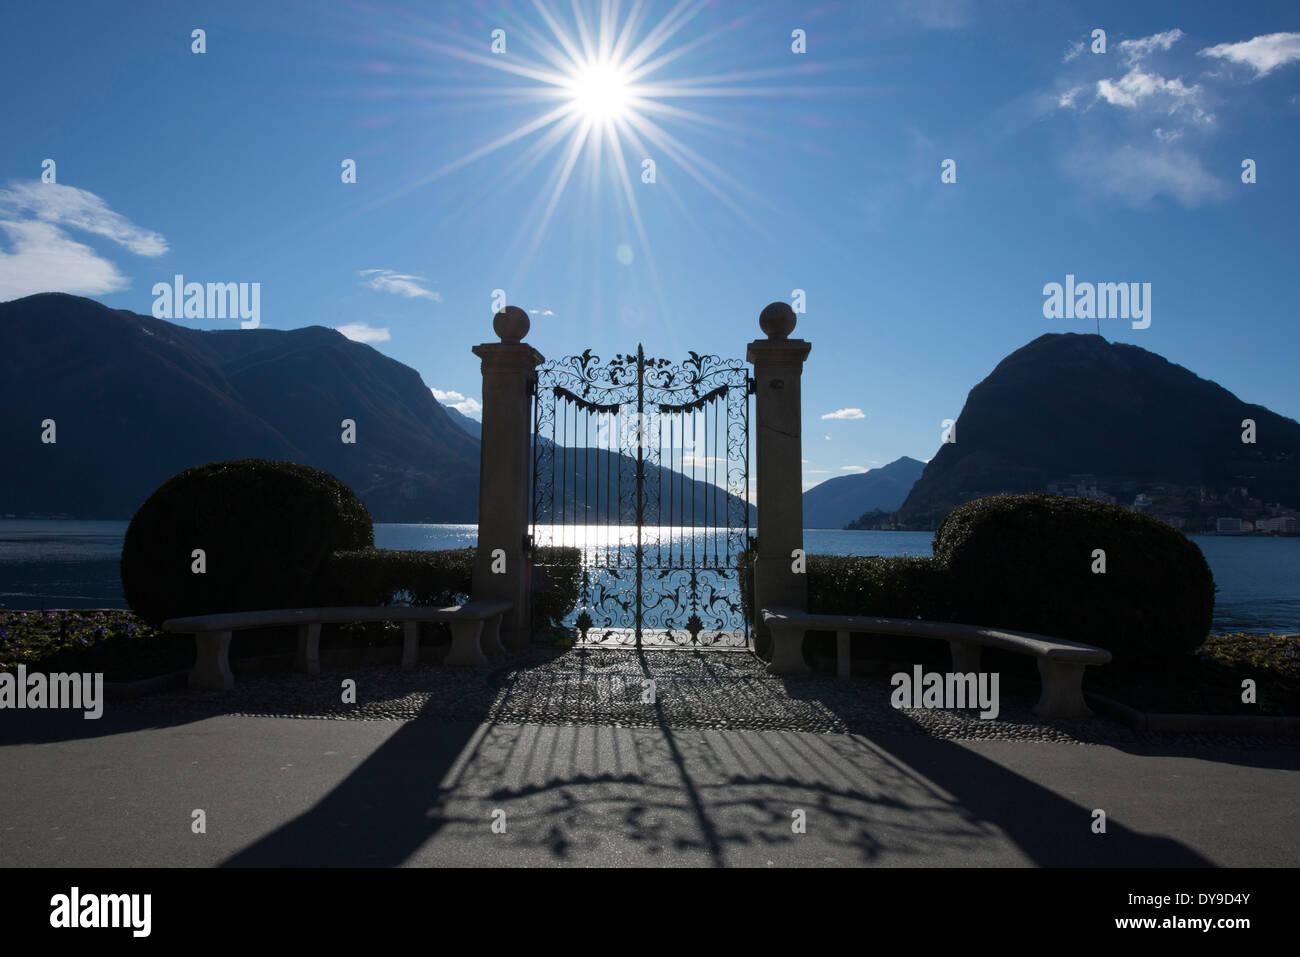 La compuerta de un lago alpino en retroiluminados con sunbeam y montaña en Lugano Suiza Ticino, Europa Foto de stock